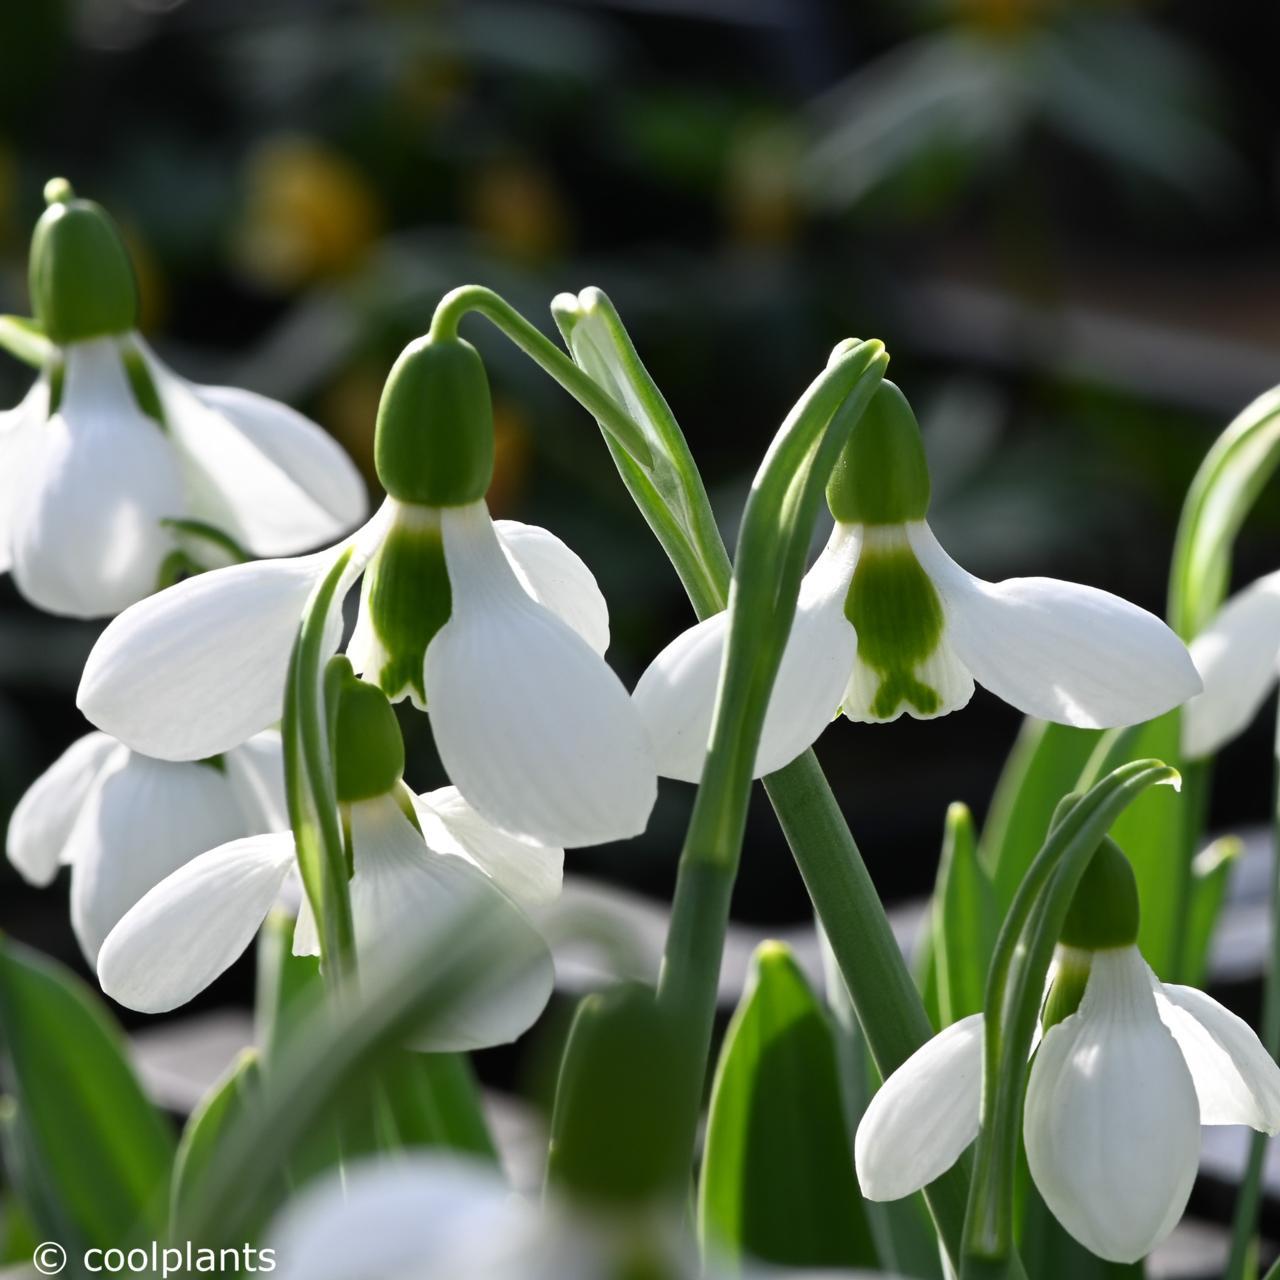 Galanthus elwesii 'Beluga' plant